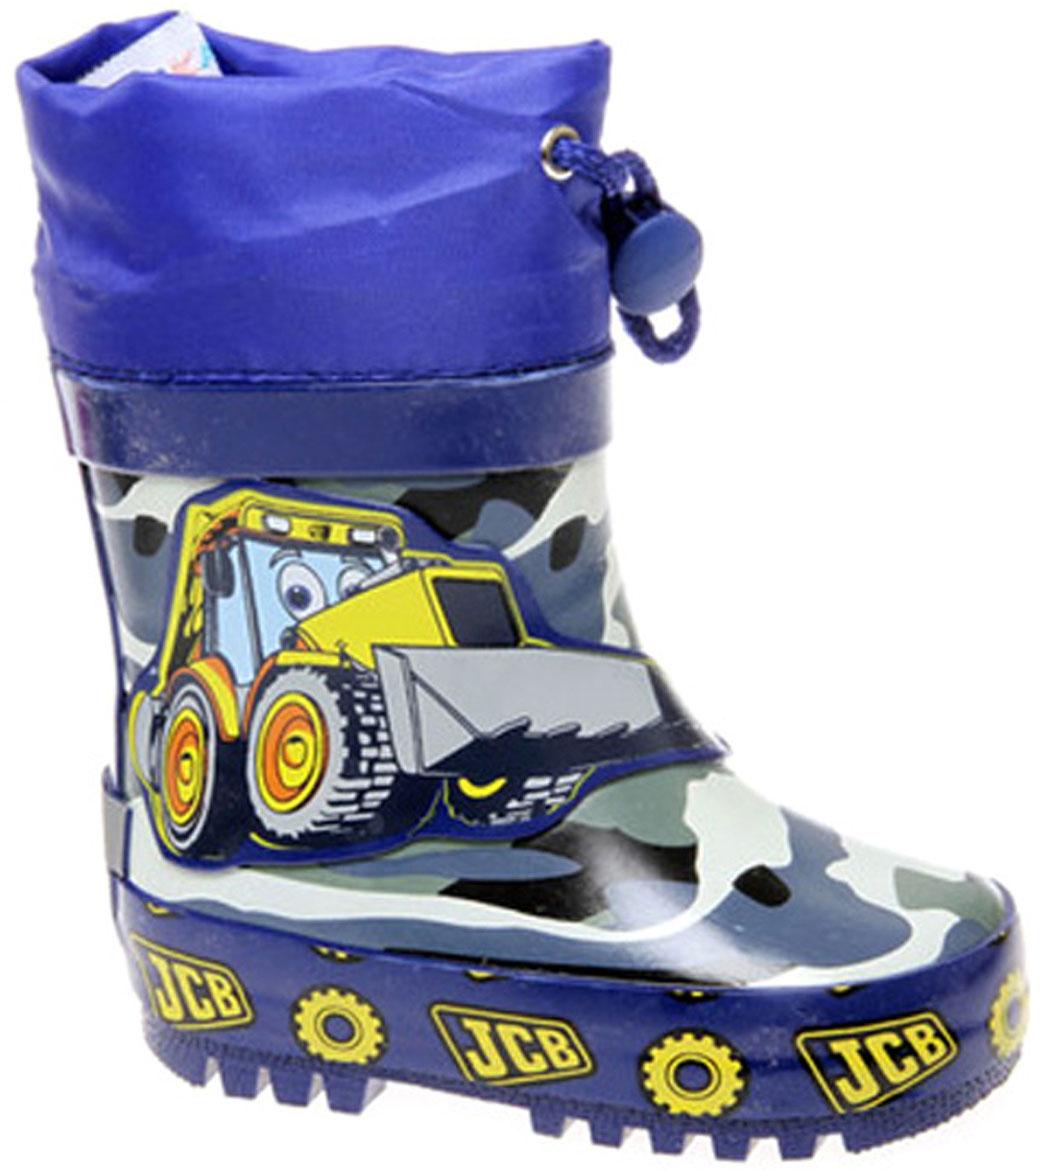 Сапоги резиновые для мальчика Сказка, цвет: синий, желтый. S24015. Размер 23S24015Ультрамодные сапоги для мальчика от Сказка изготовлены из резины и оформлены камуфляжным принтом, изображением мультяшного экскаватора и задним наружным ремнем. Низ изделия, исполненный в одной стилистике с верхом, декорирован надписями и изображениями автомобильных шин. Отсутствие застежек компенсировано объемом голенища. Текстильный верх голенища регулируется в объеме за счет шнурка с бегунком. Мягкая подкладка и стелька, выполненные из текстиля, отвечают за максимальный комфорт при движении. Ярлычок, расположенный на голенище, облегчает процесс надевания и снимания сапог. Резиновая подошва дополнена глубоким рисунком протектора.